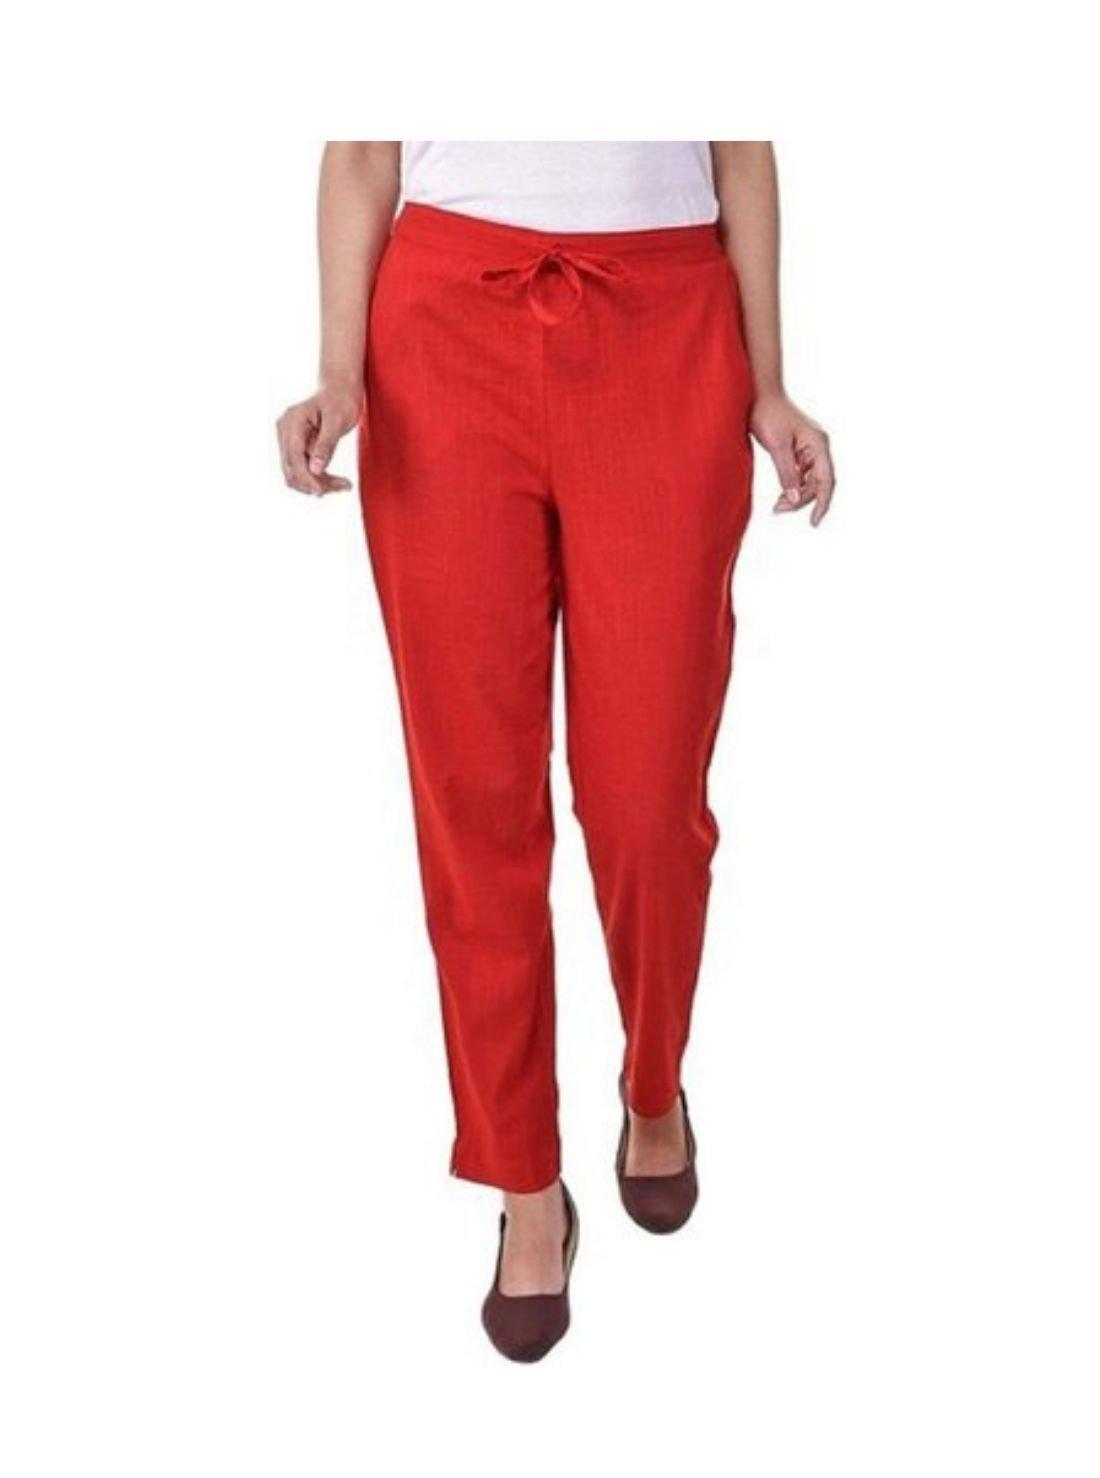 Plain Red Cotton Pants